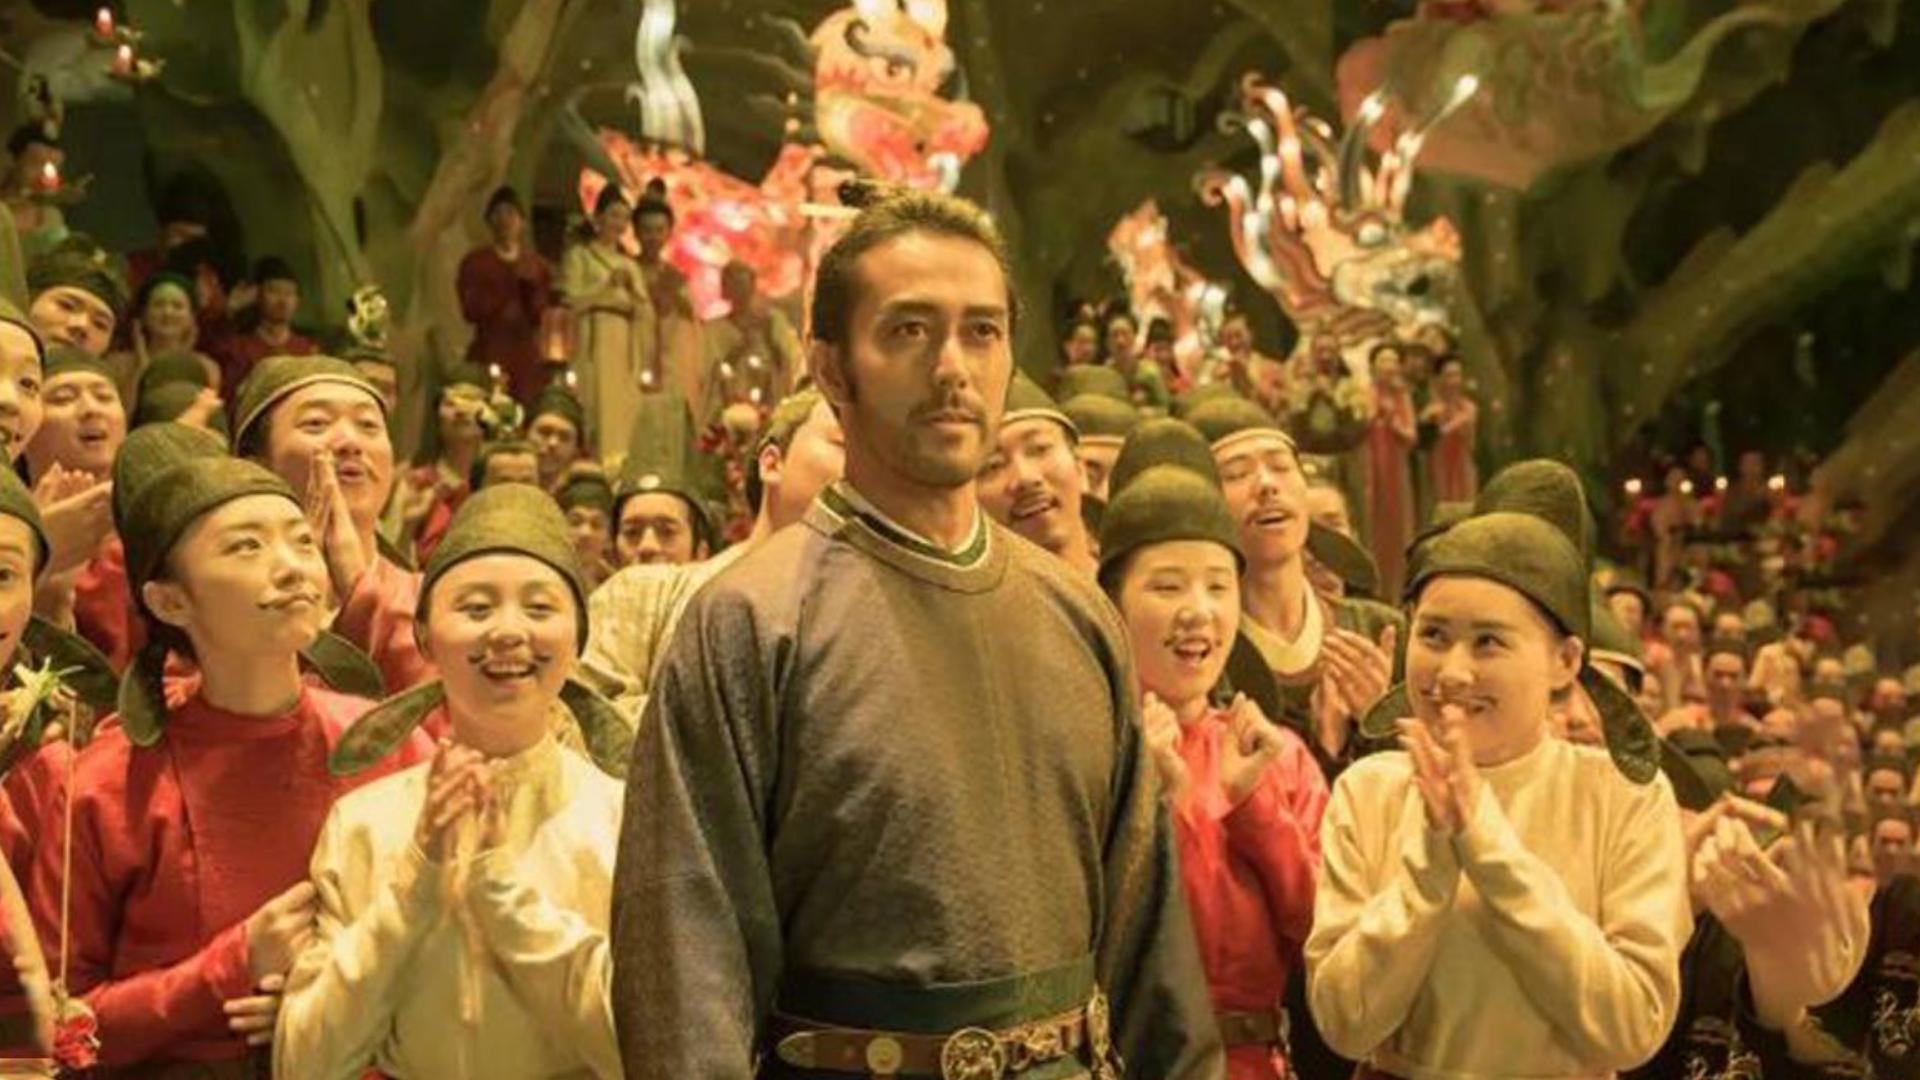 盛唐历史:他穿越唐朝,利用现代知识变为唐朝技术,引领世界潮流